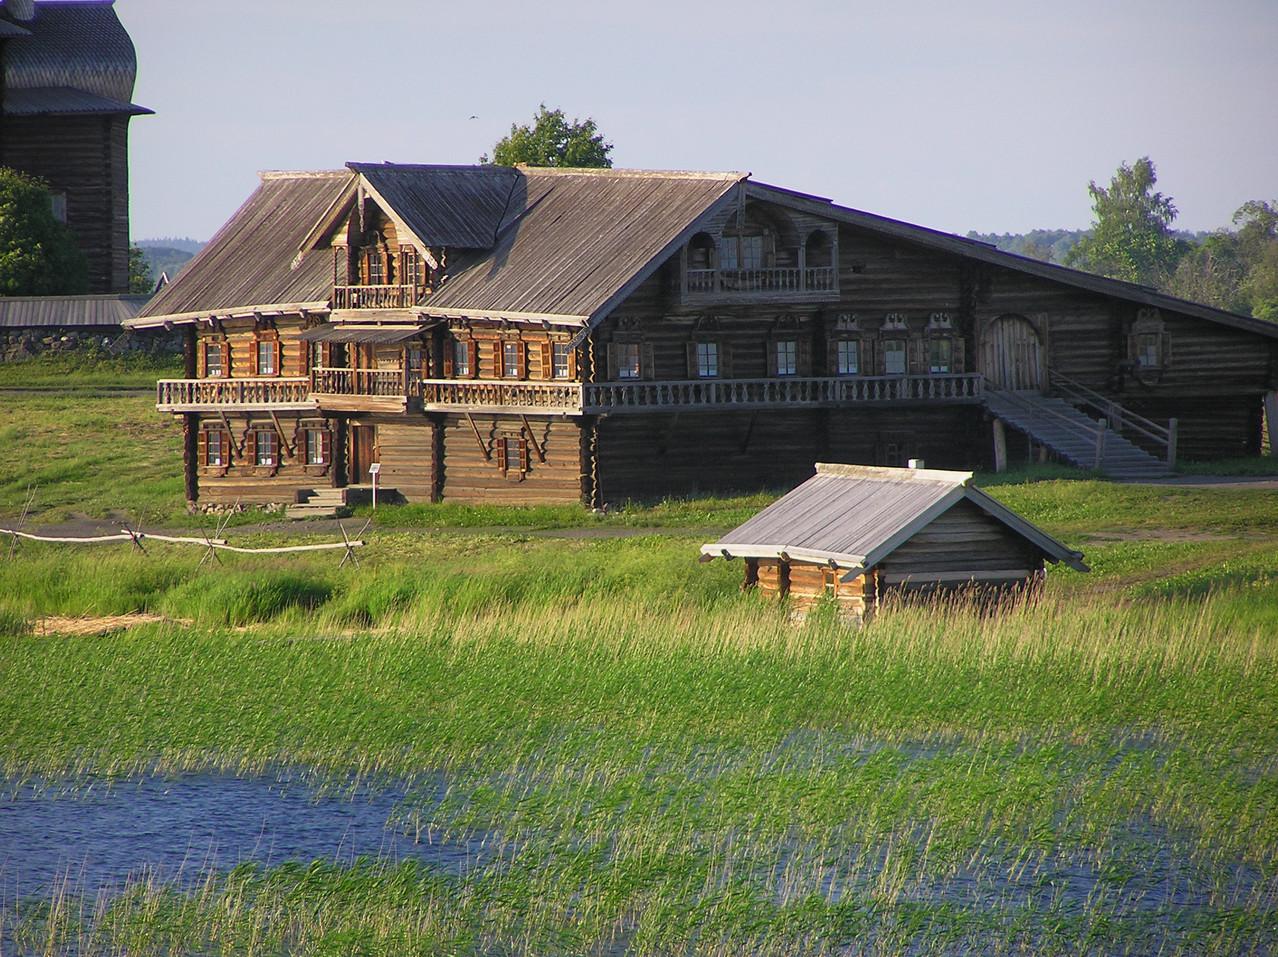 ... ein Bauernhaus mit Sauna und noch weitere Häuser und Kirchen.